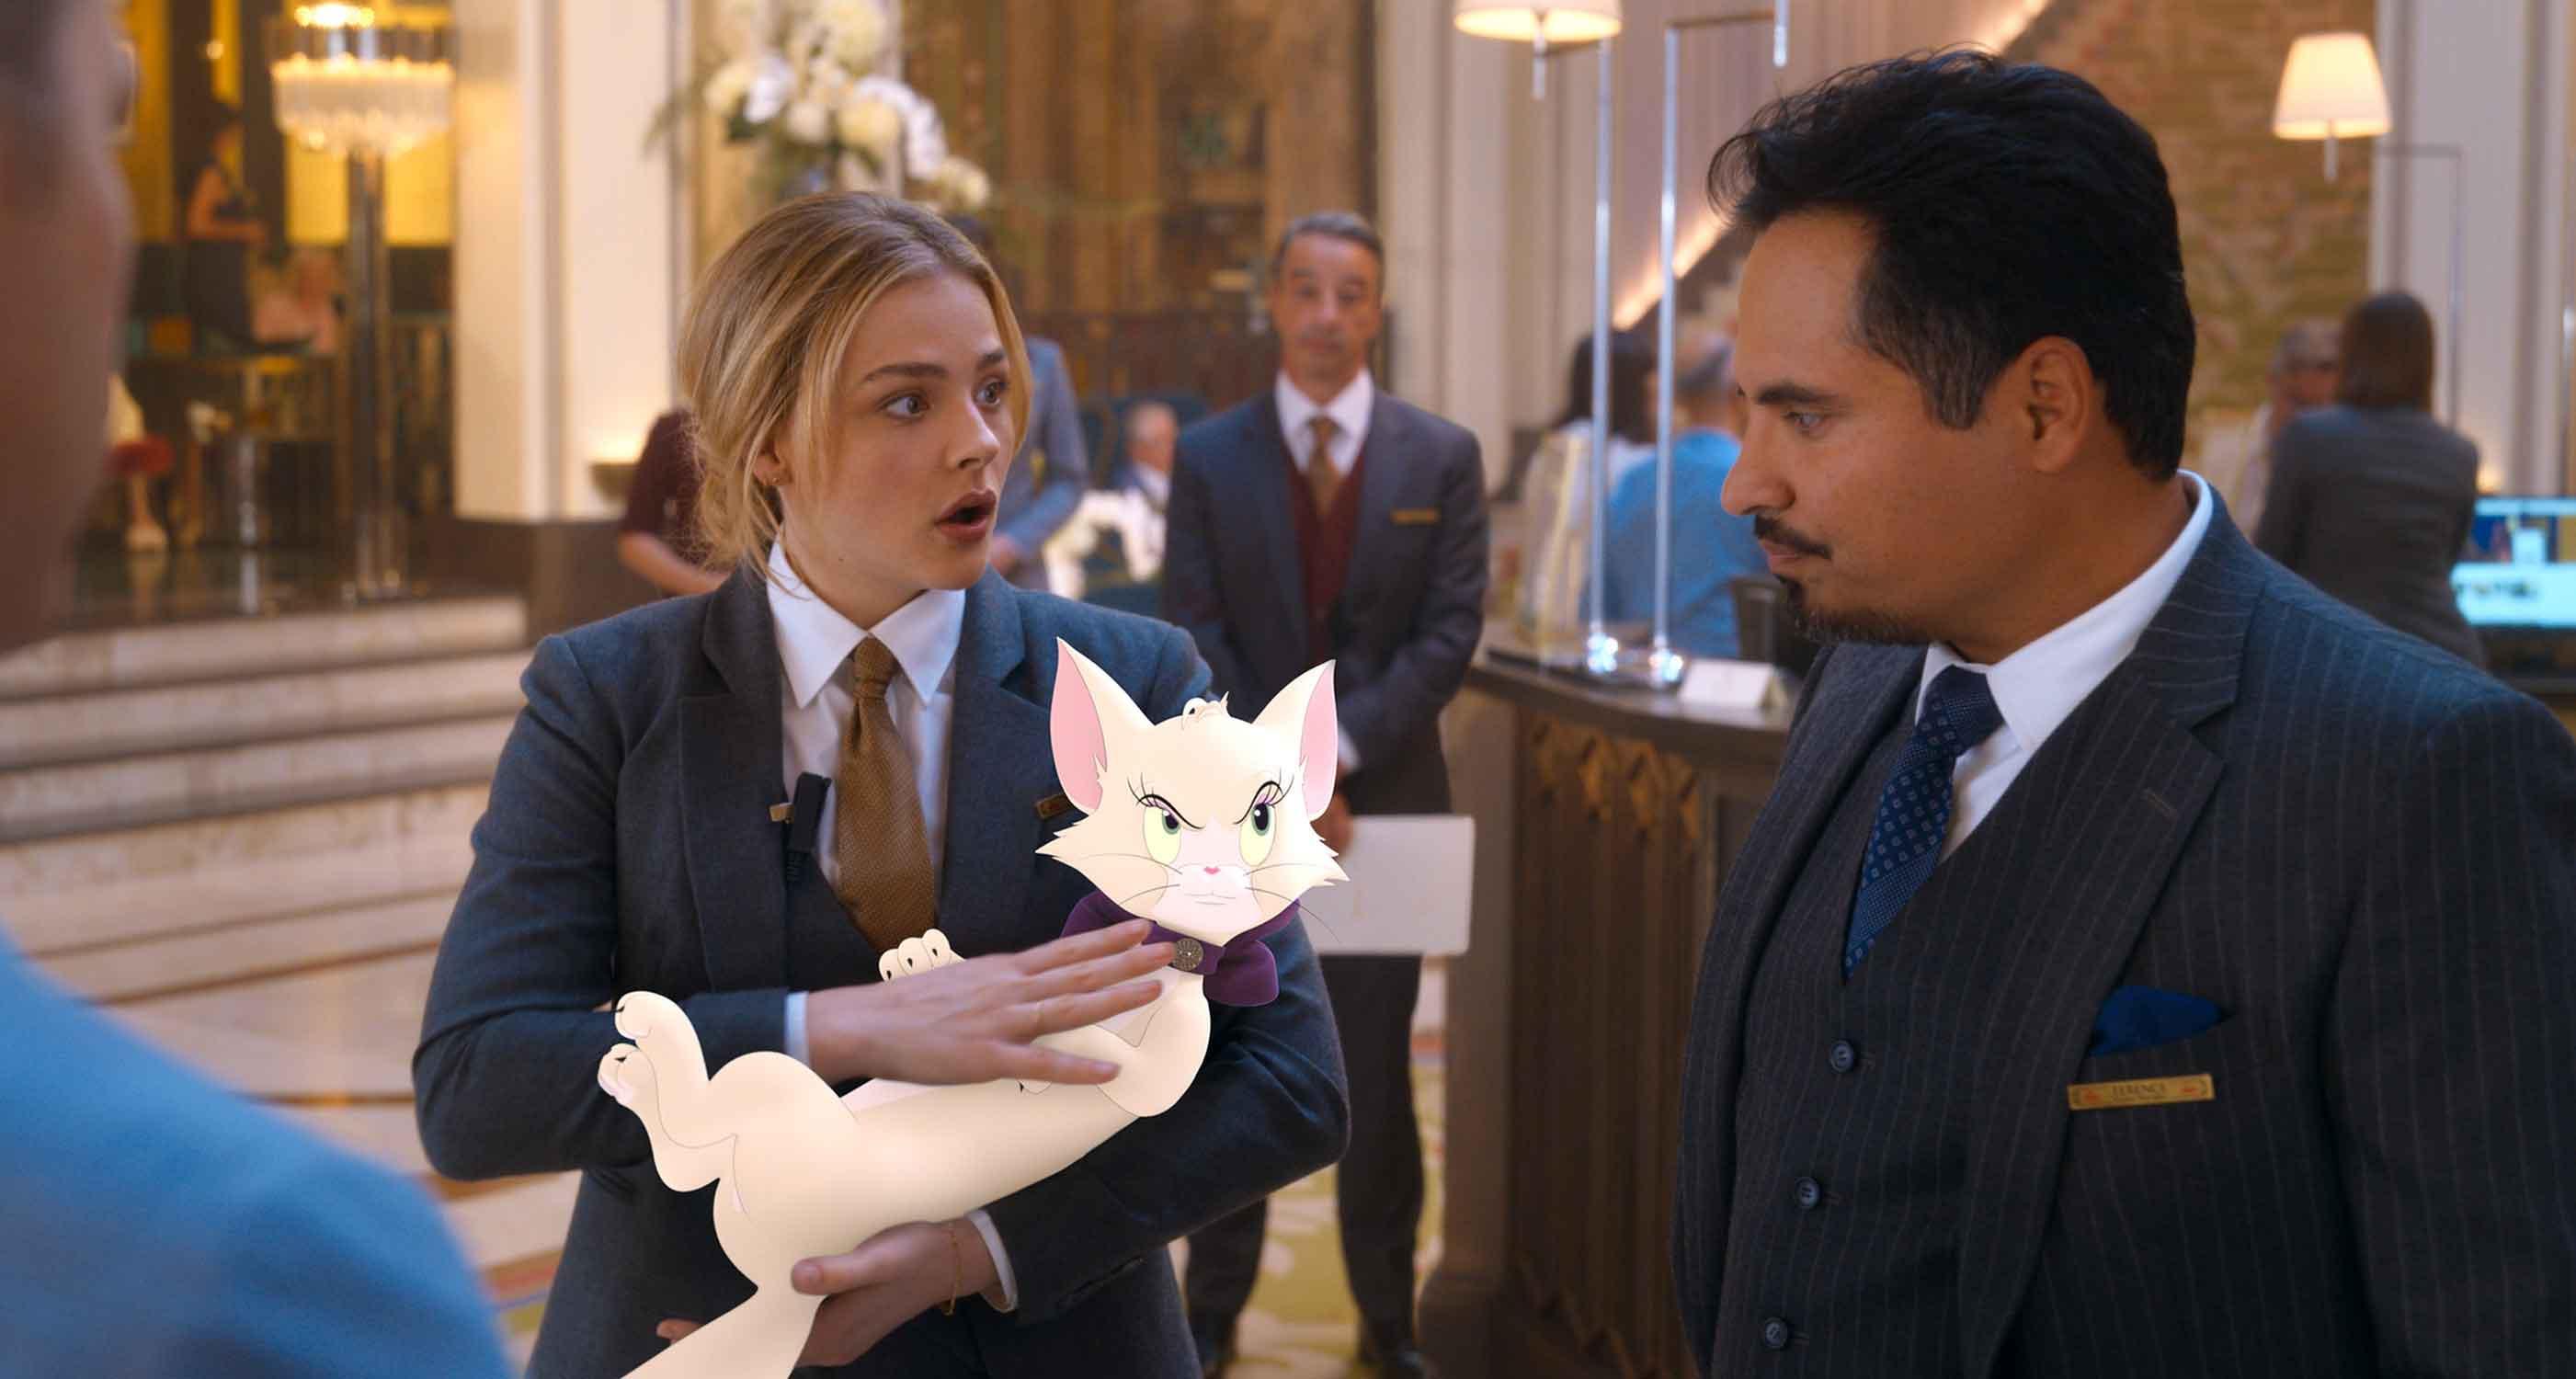 Tom & Jerry di Tim Story con Chloë Grace Moretz e Michael Peña